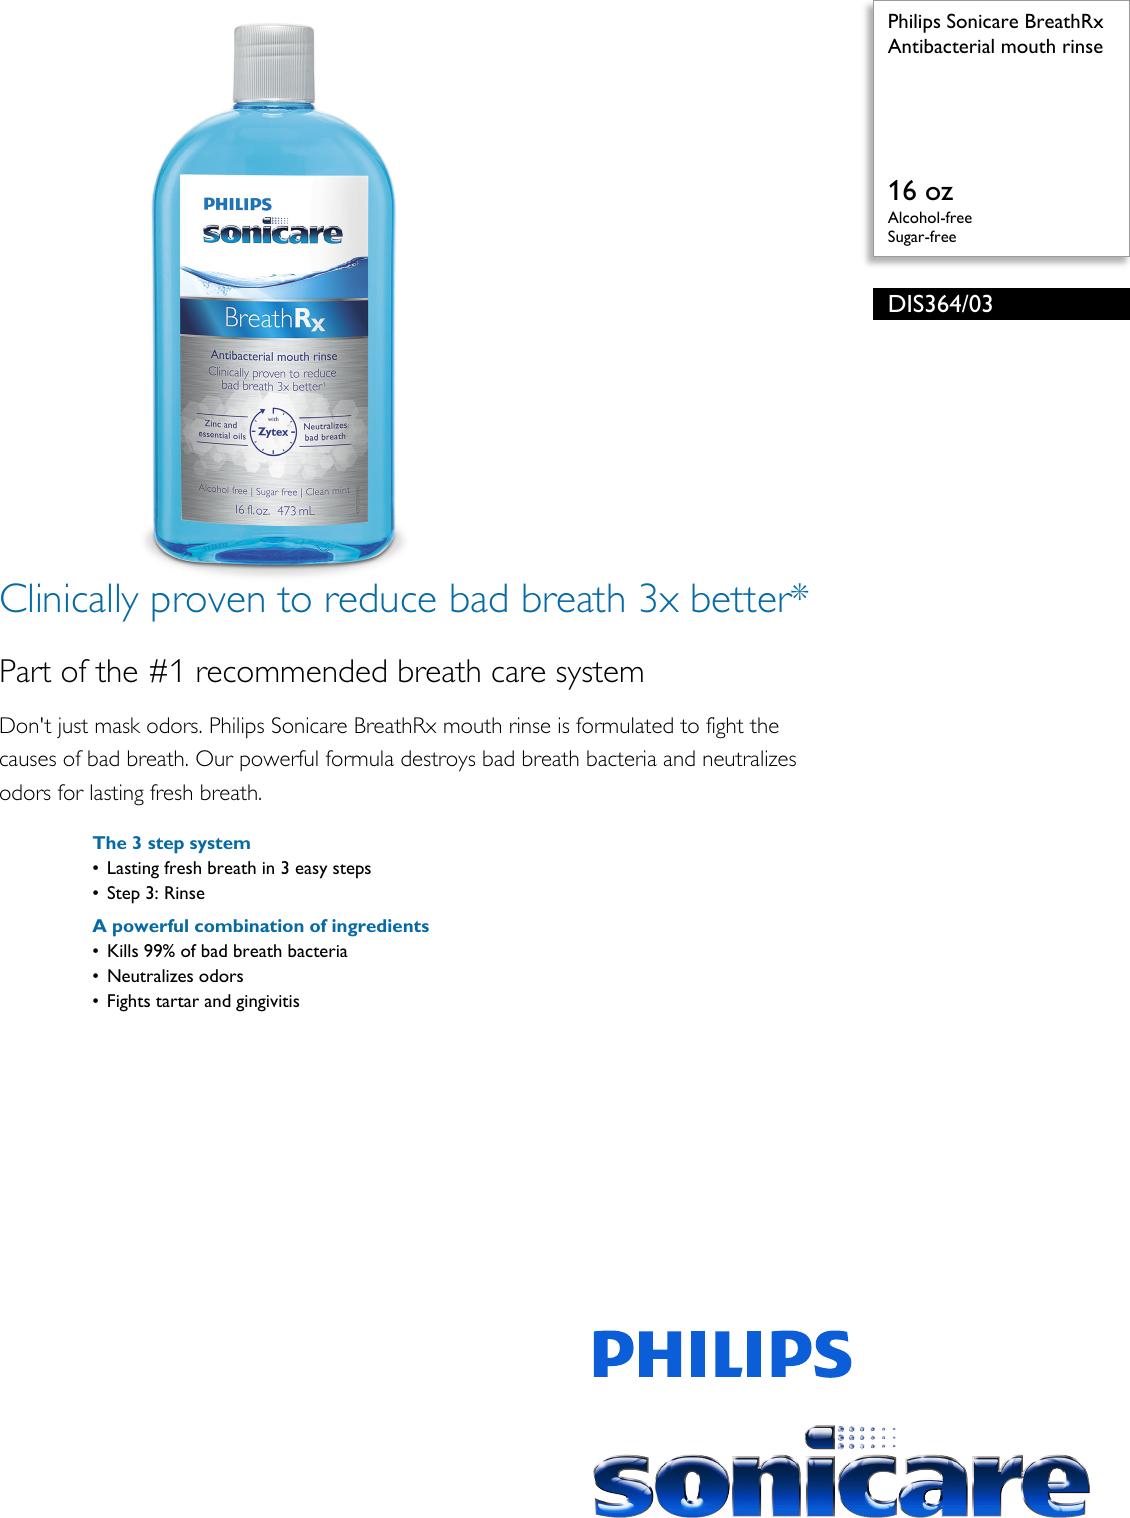 Philips DIS364/03 Antibacterial Mouth Rinse User Manual